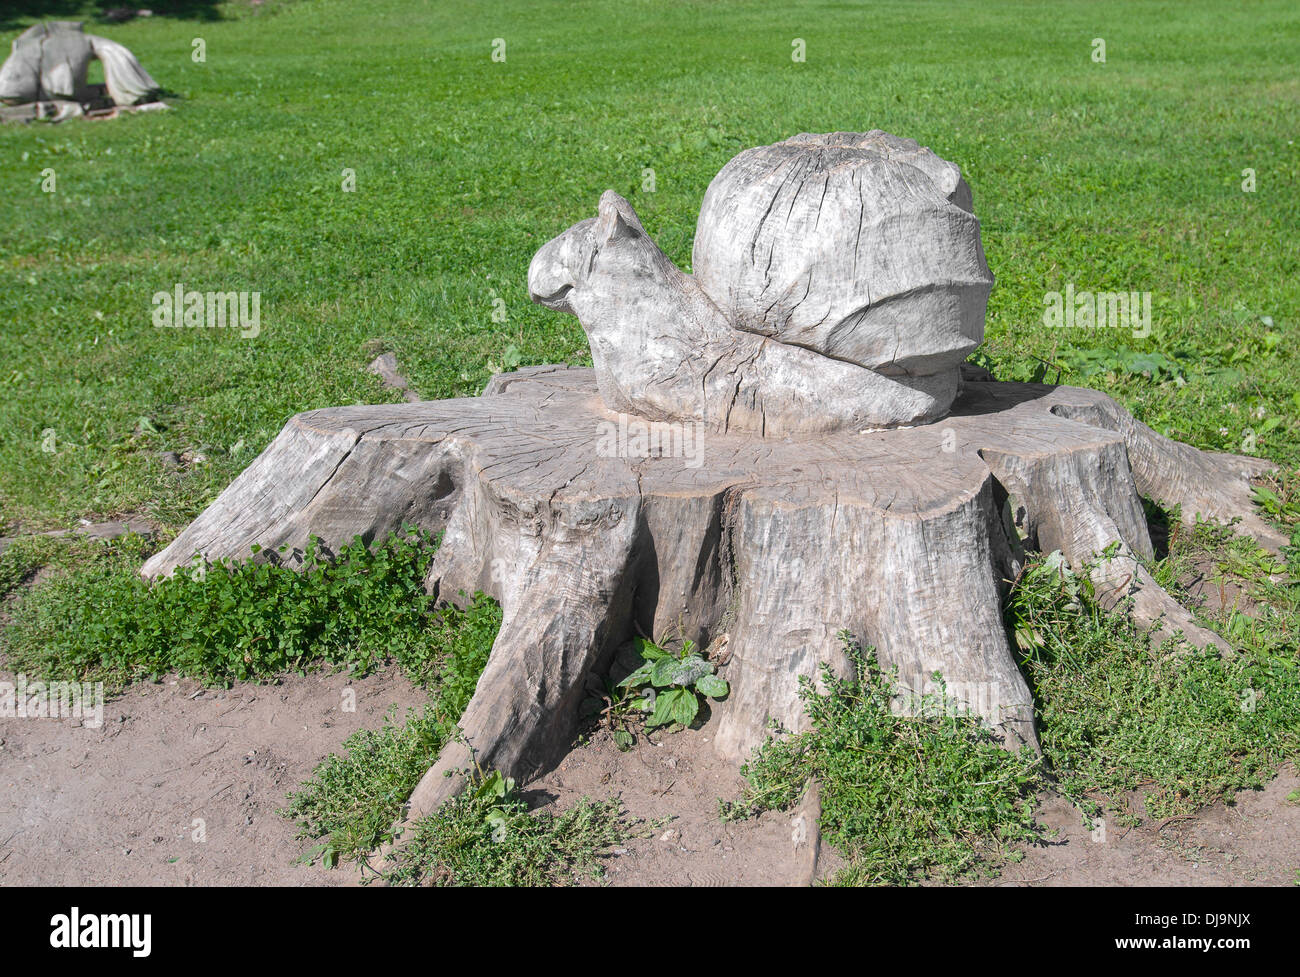 Veliky Novgorod. Snail on a tree stump. Carving - Stock Image